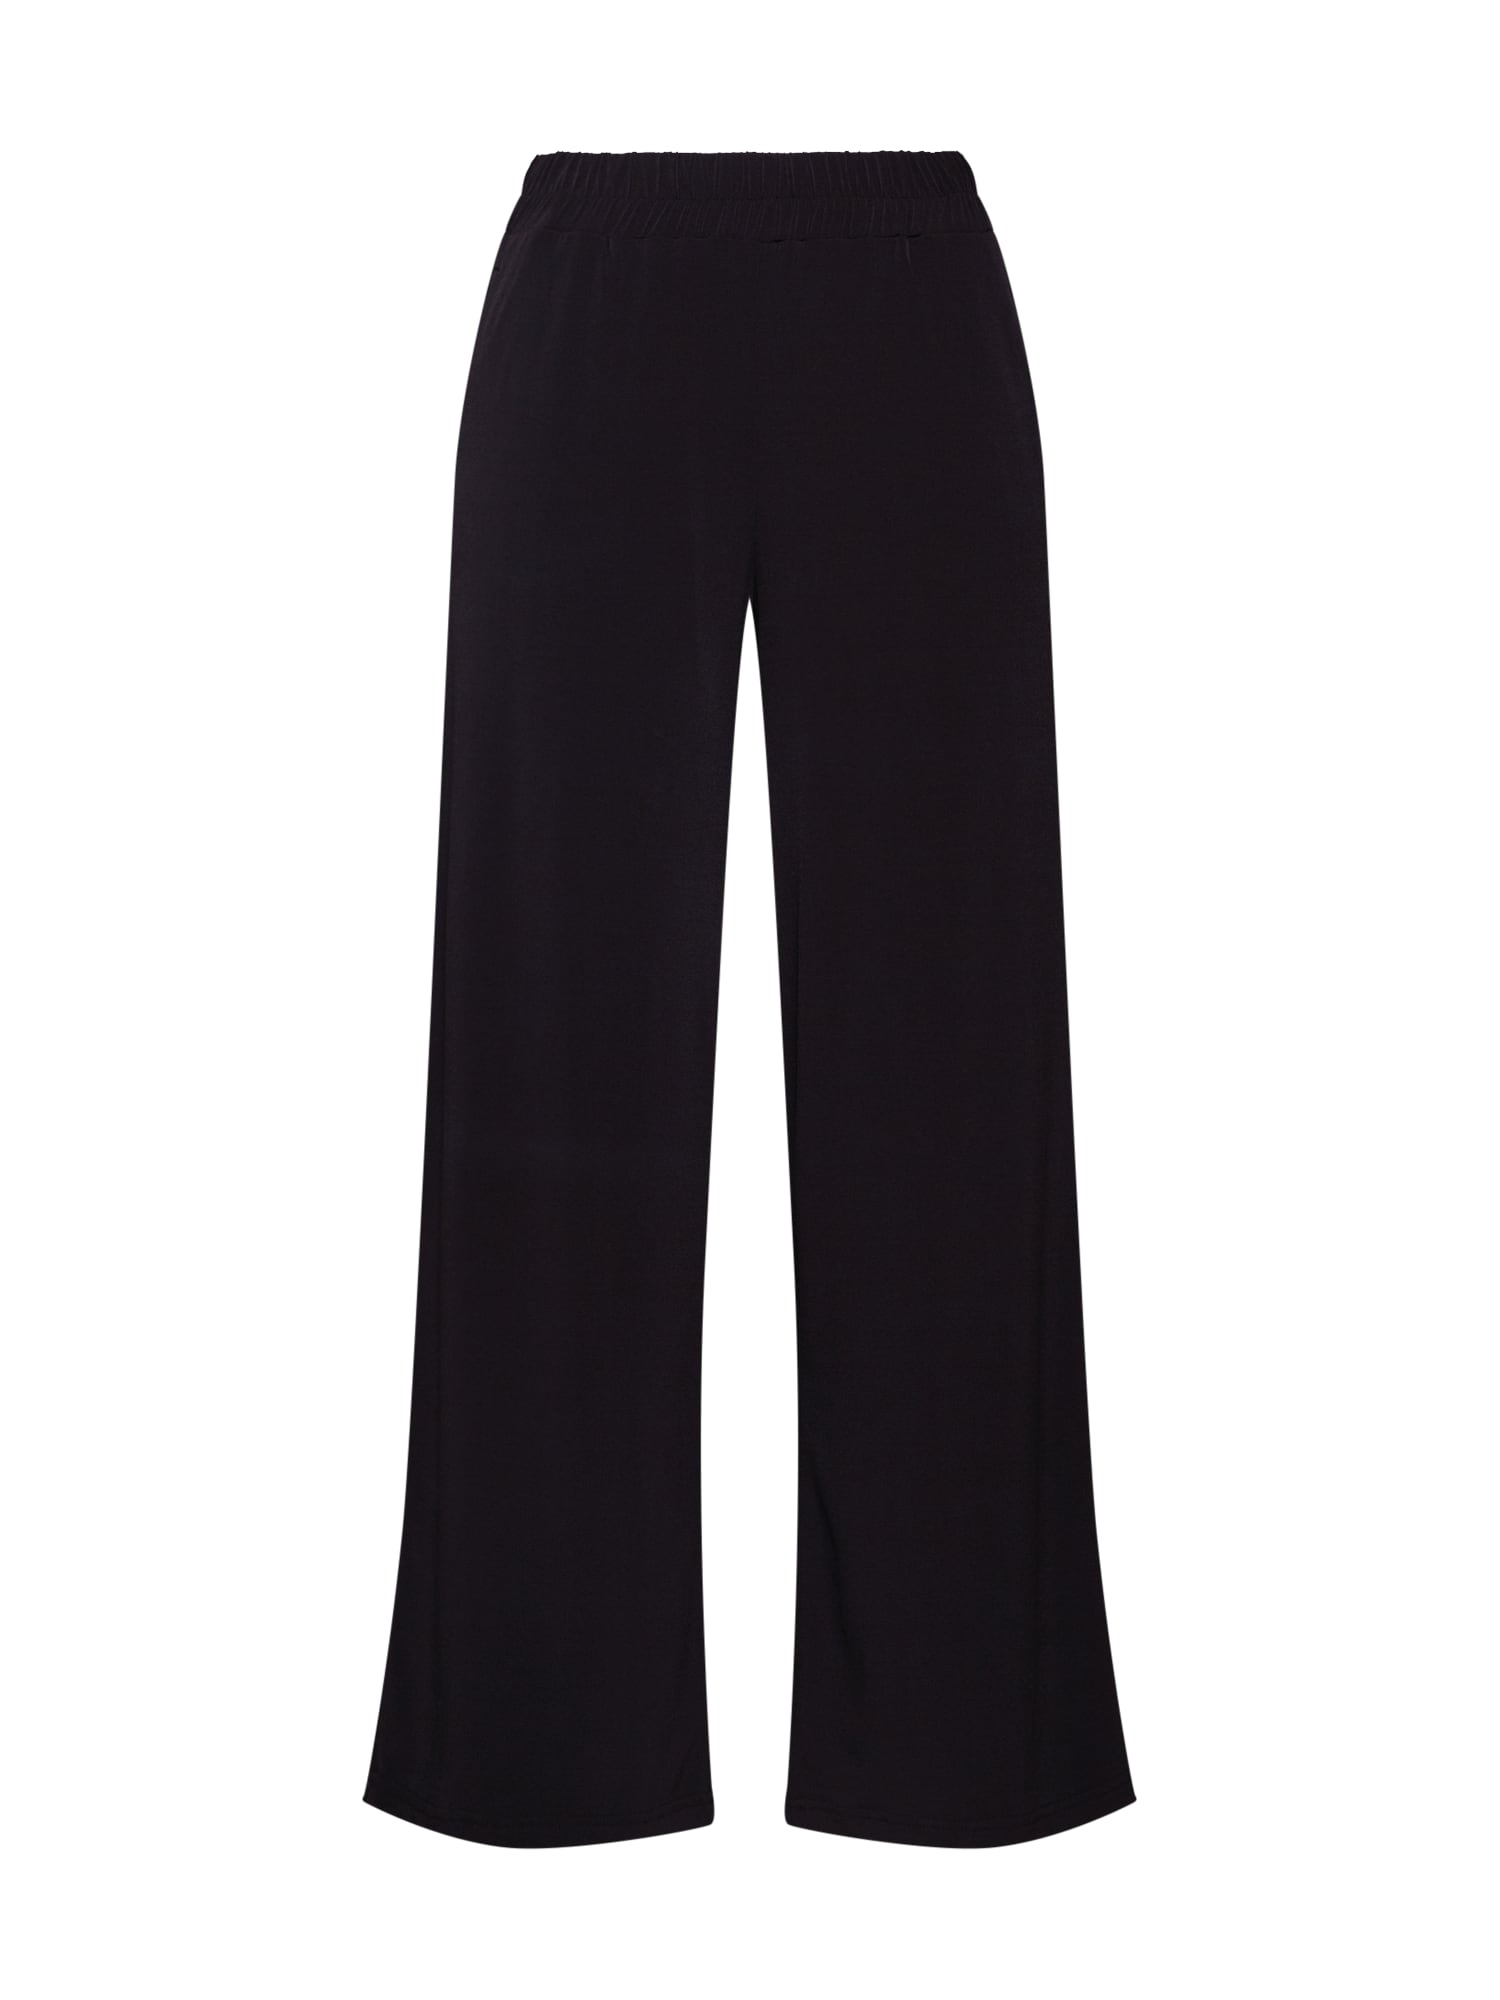 Kalhoty IXLIMA PA černá ICHI